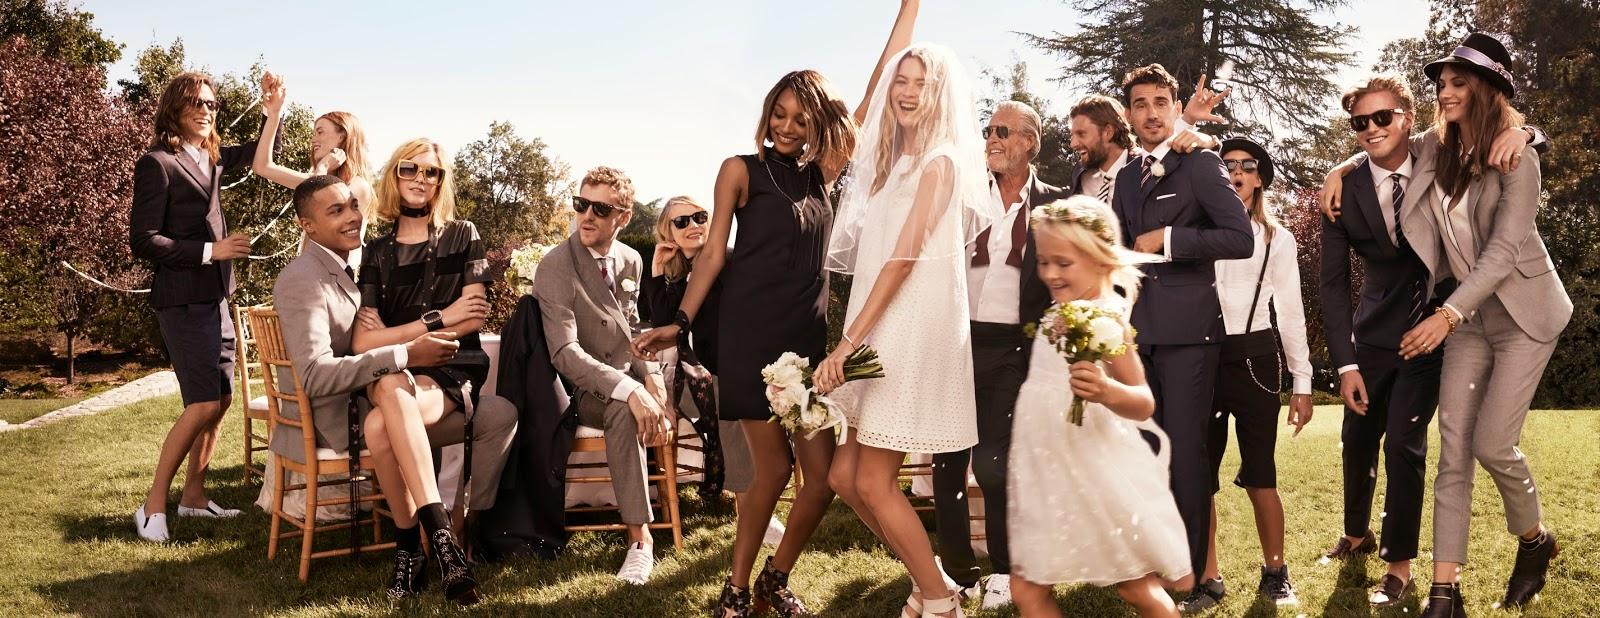 boda, Bodas 2015, ceremonia, menswear, Spring 2015, Suits and Shirts, The Hilfigers, Tommy hilfiger, trajes de novio, I do,